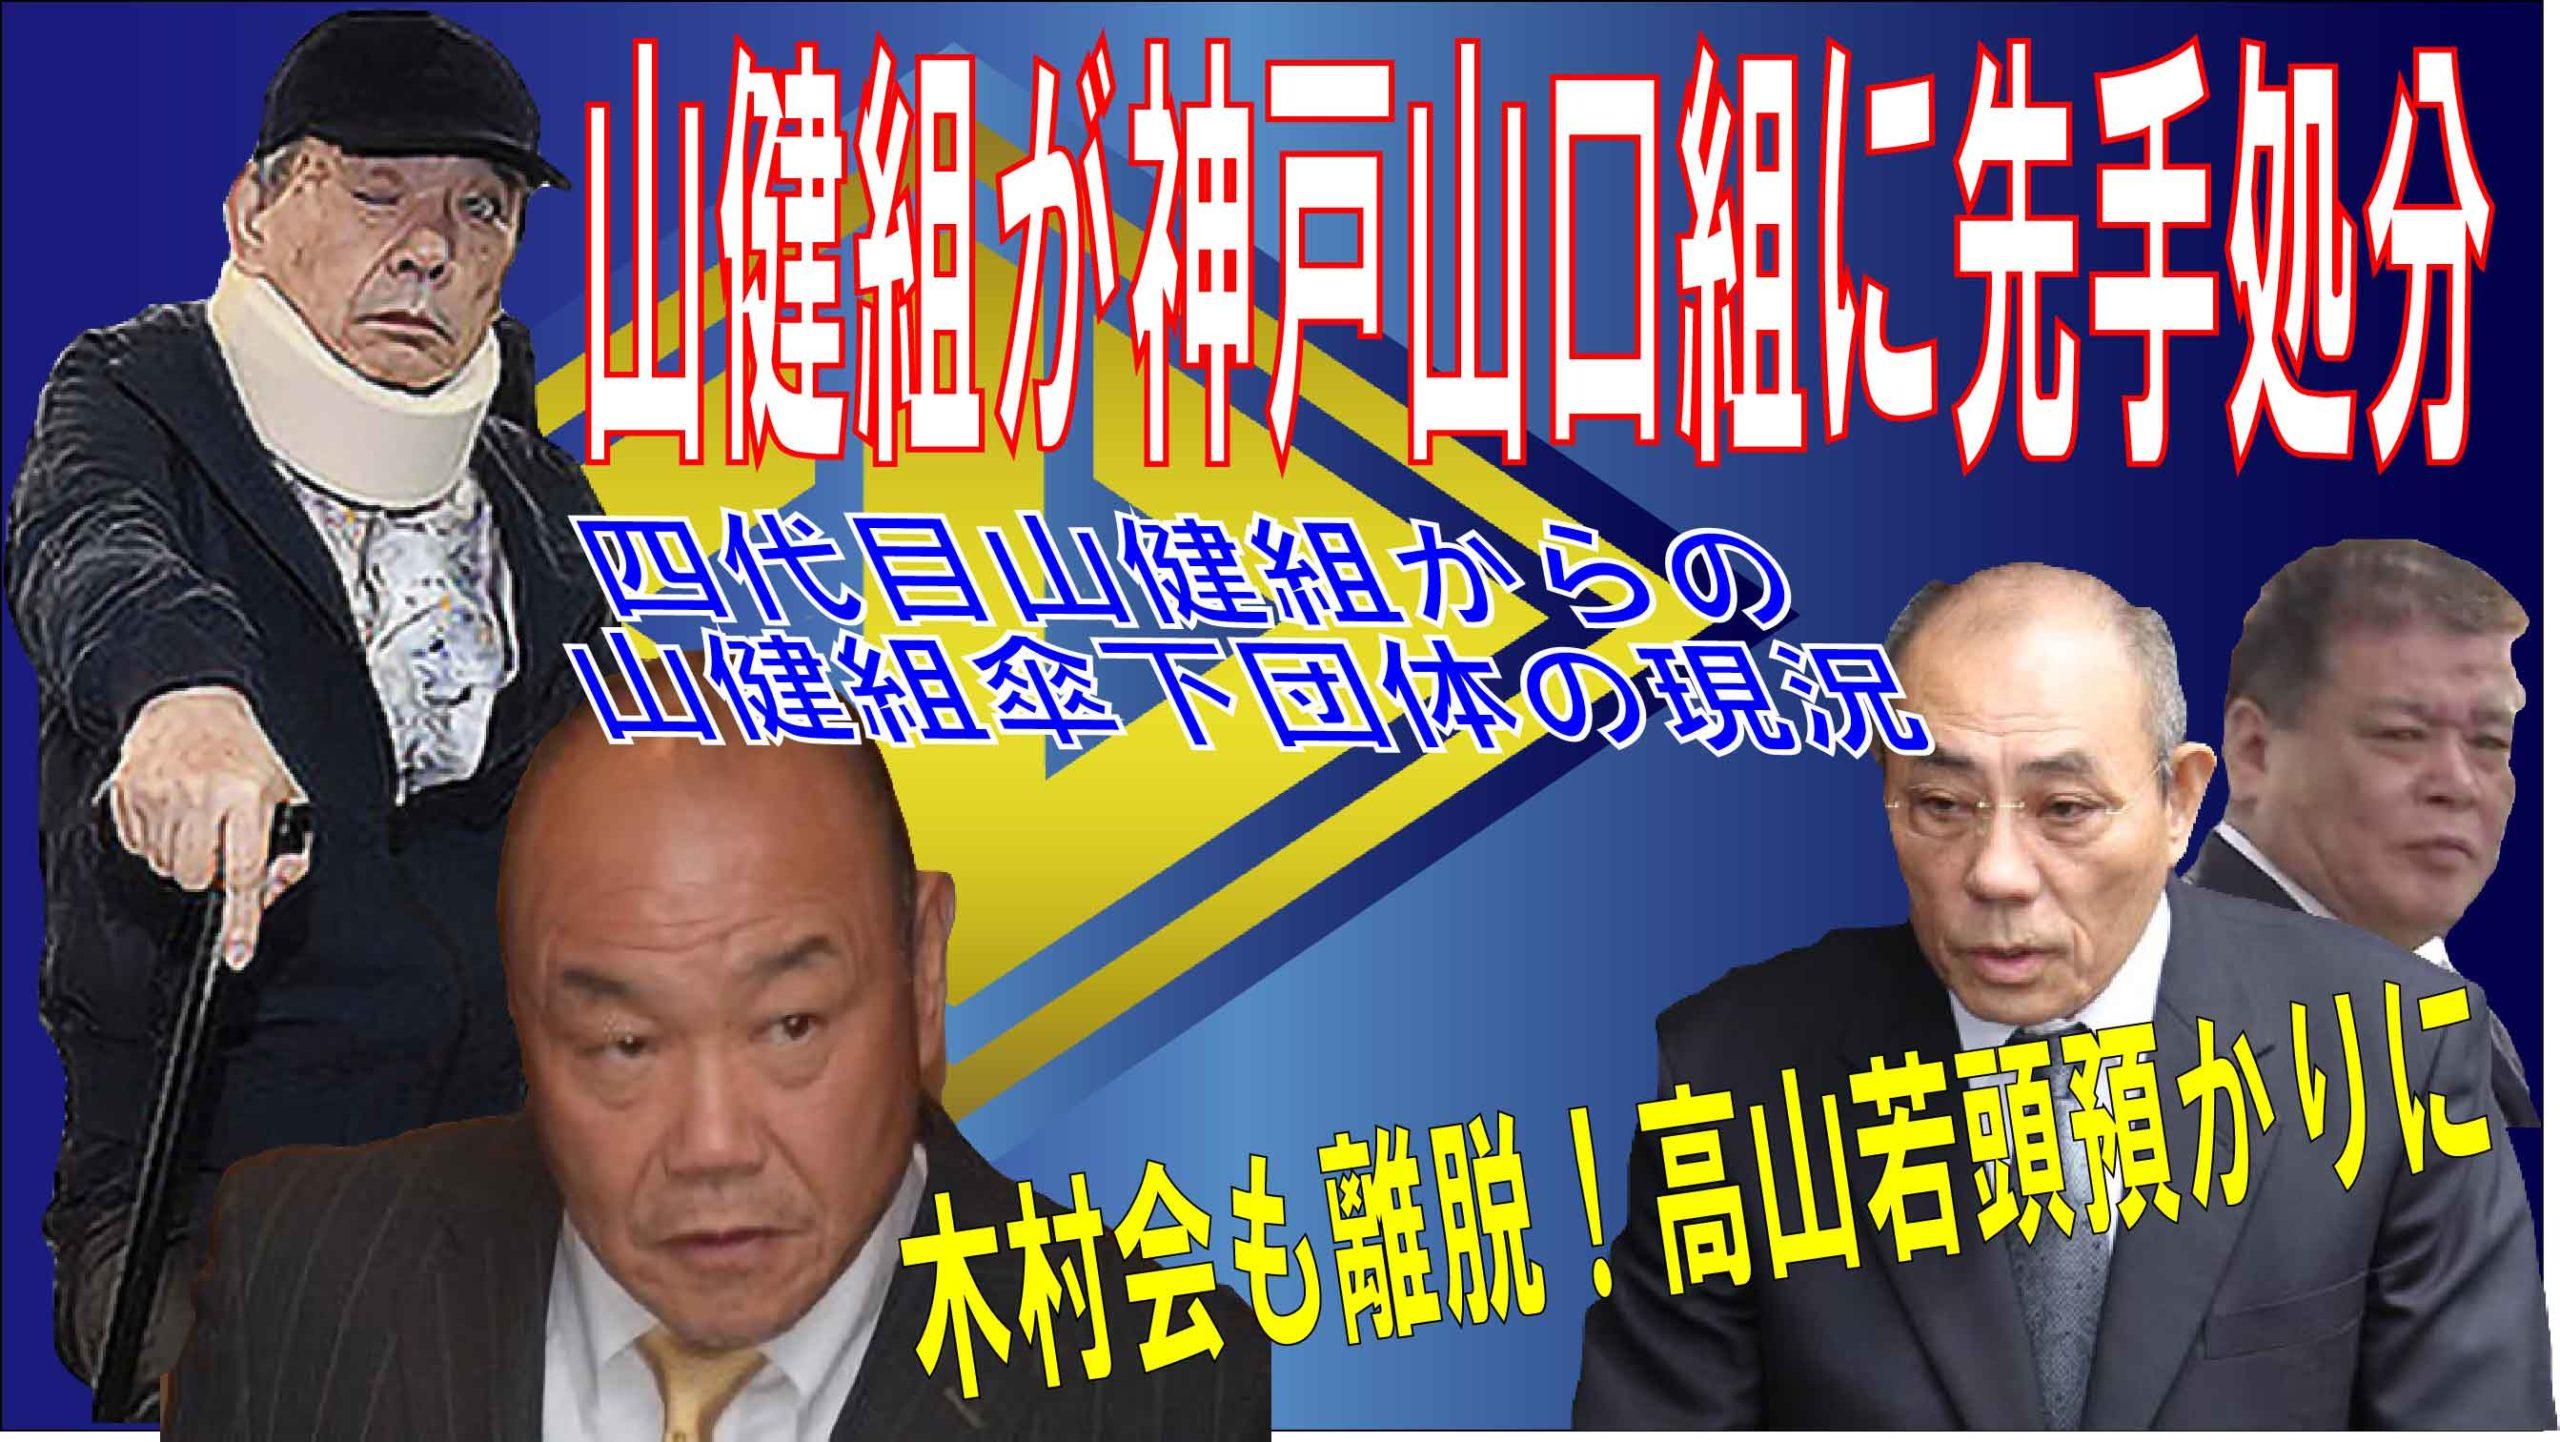 山健組(中田浩司組長)が神戸山口組に宣戦布告・木村会も六代目山口組入り、どうした神戸山口組解散か?